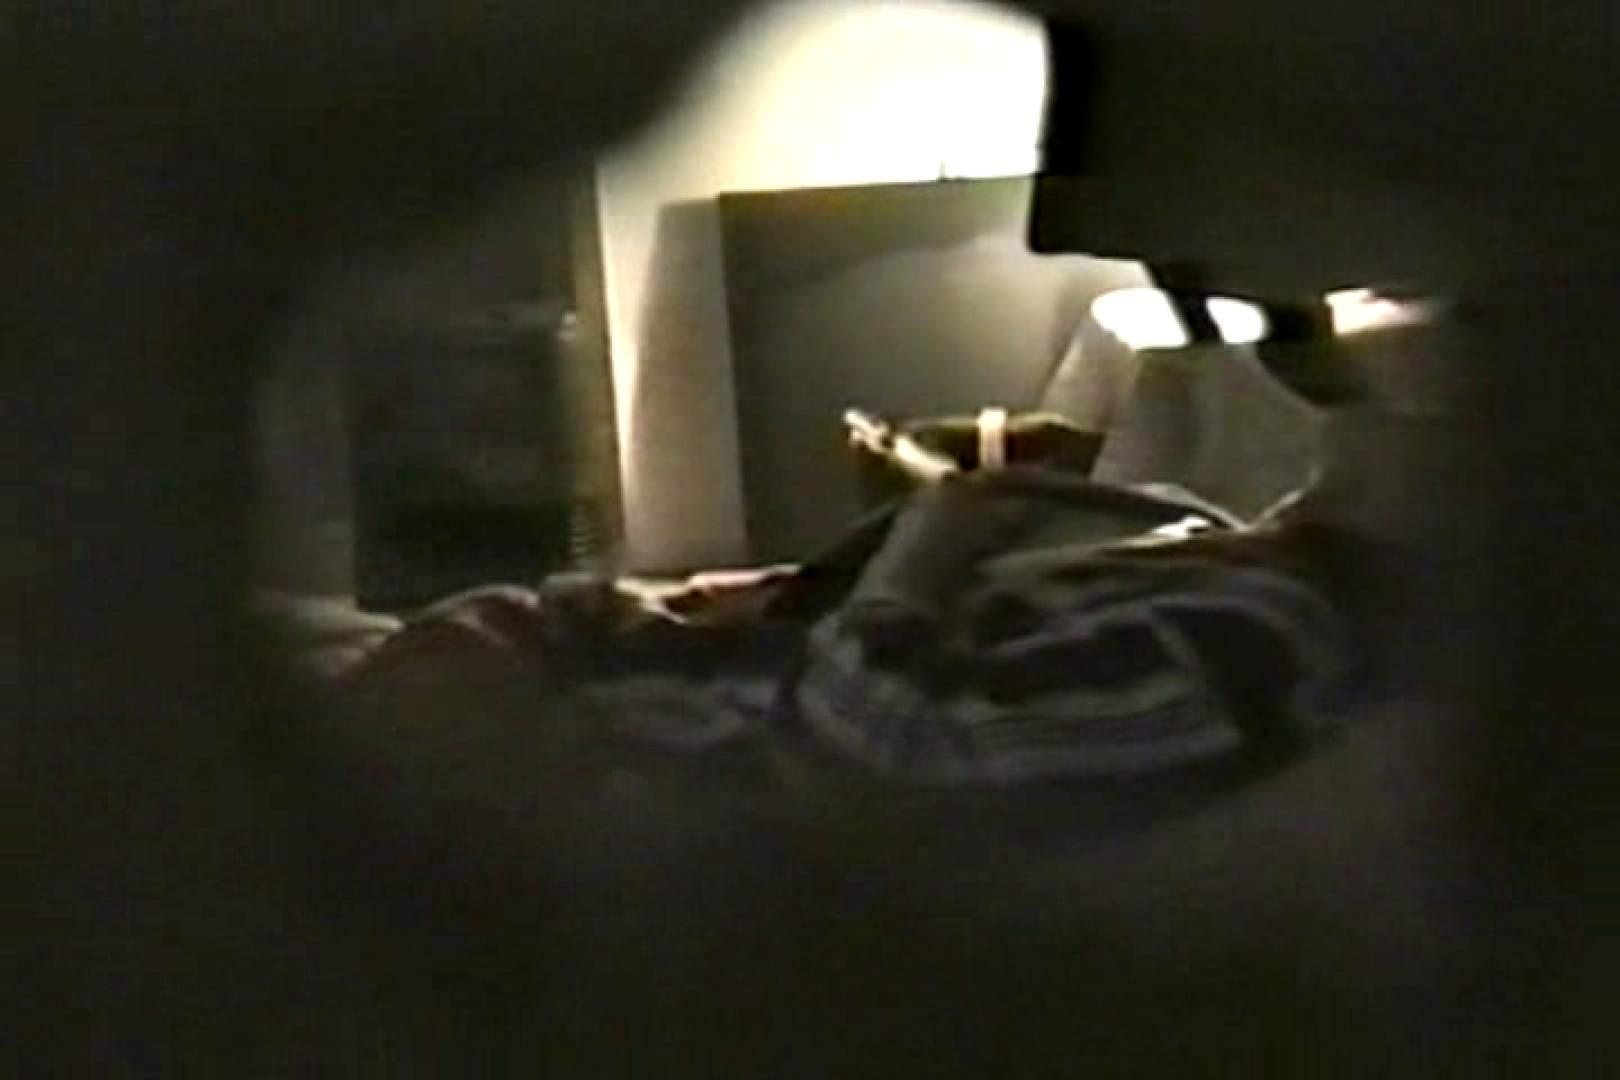 究極の民家覗き撮りVol.4 美しいOLの裸体   民家  73pic 13